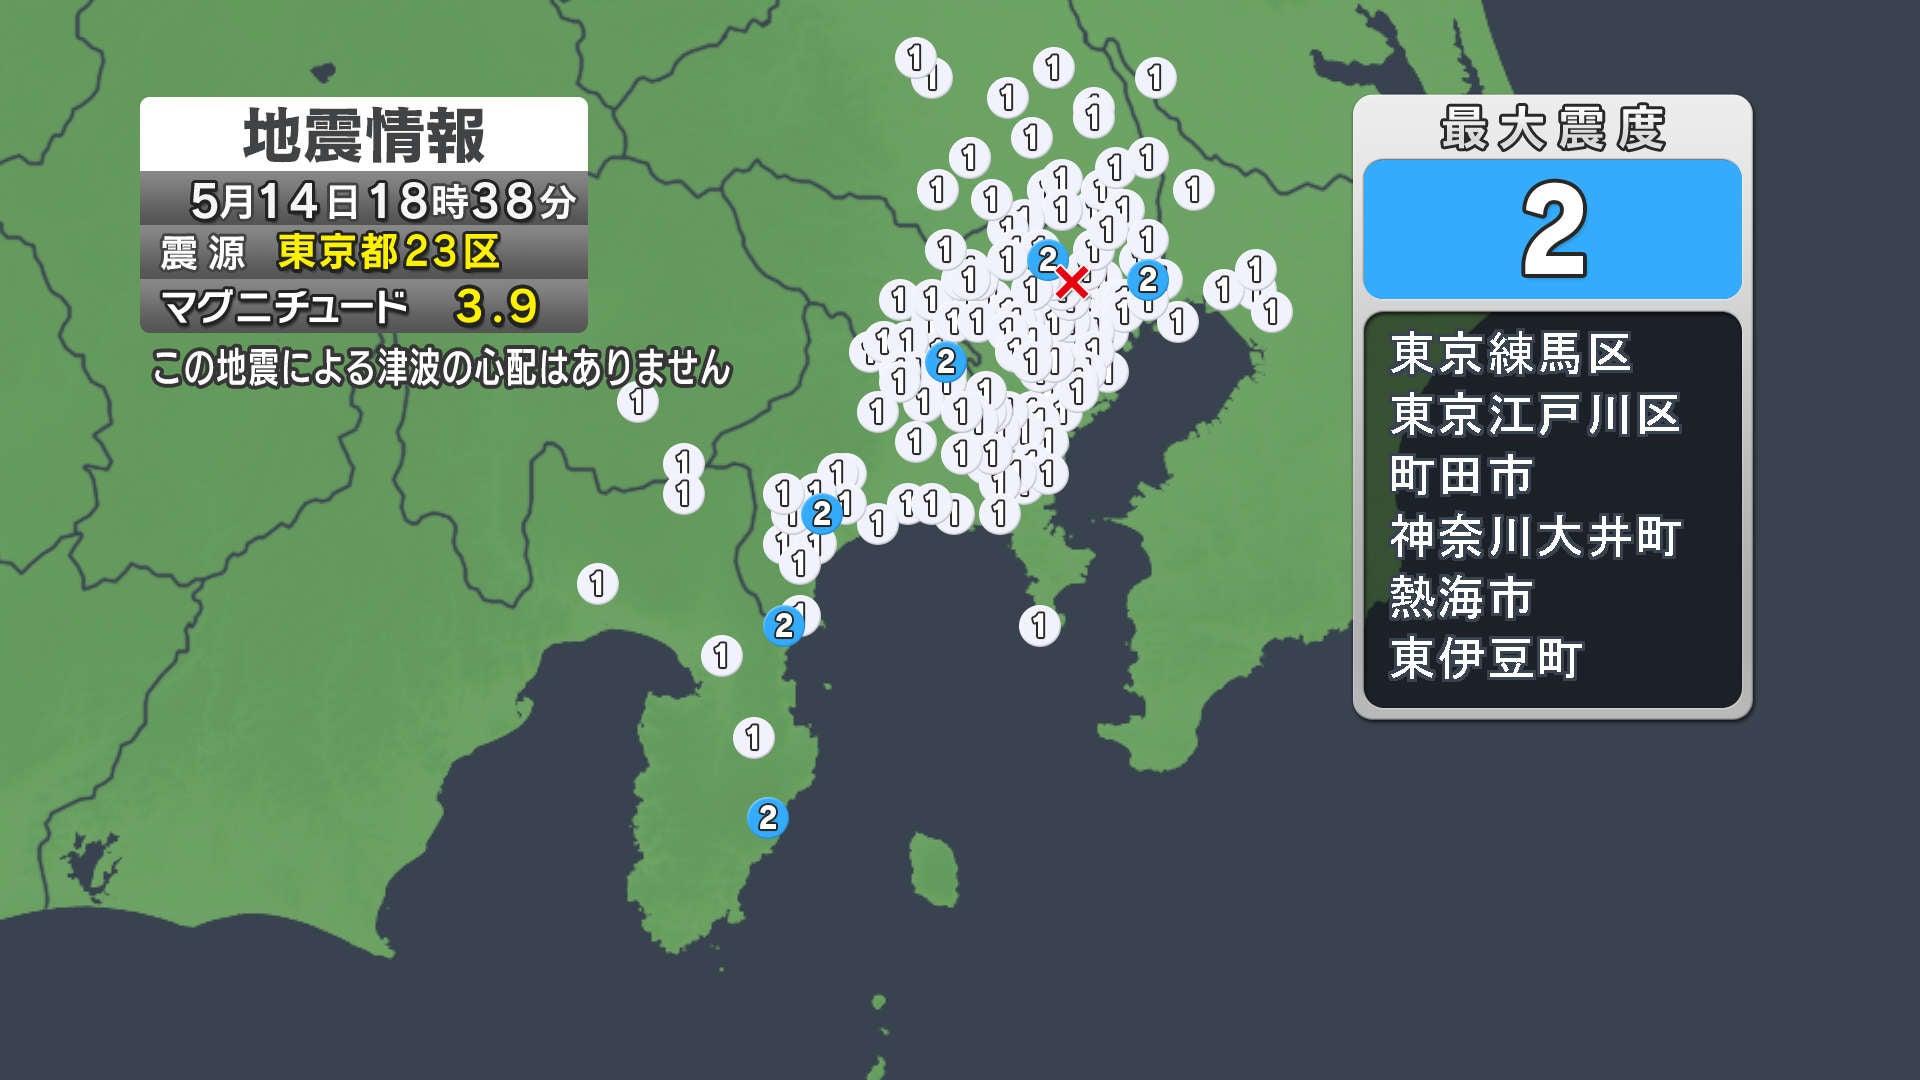 今日 の 天気 江戸川 区